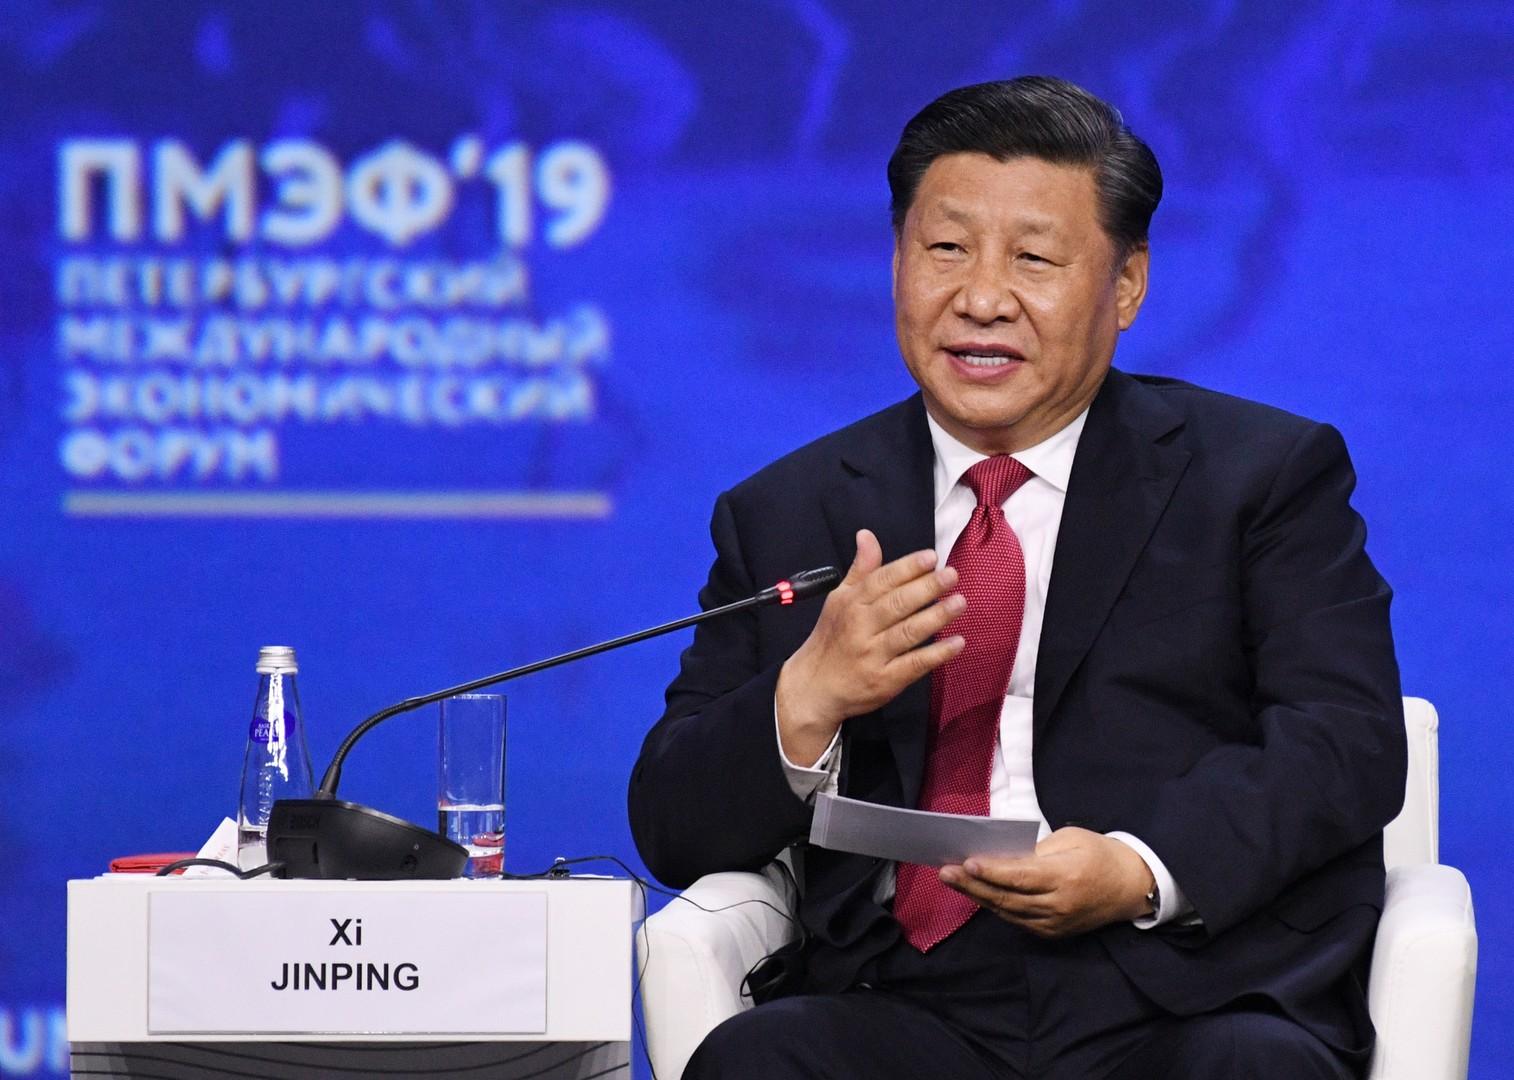 بكين: مستعدون لتقاسم تكنولوجيا